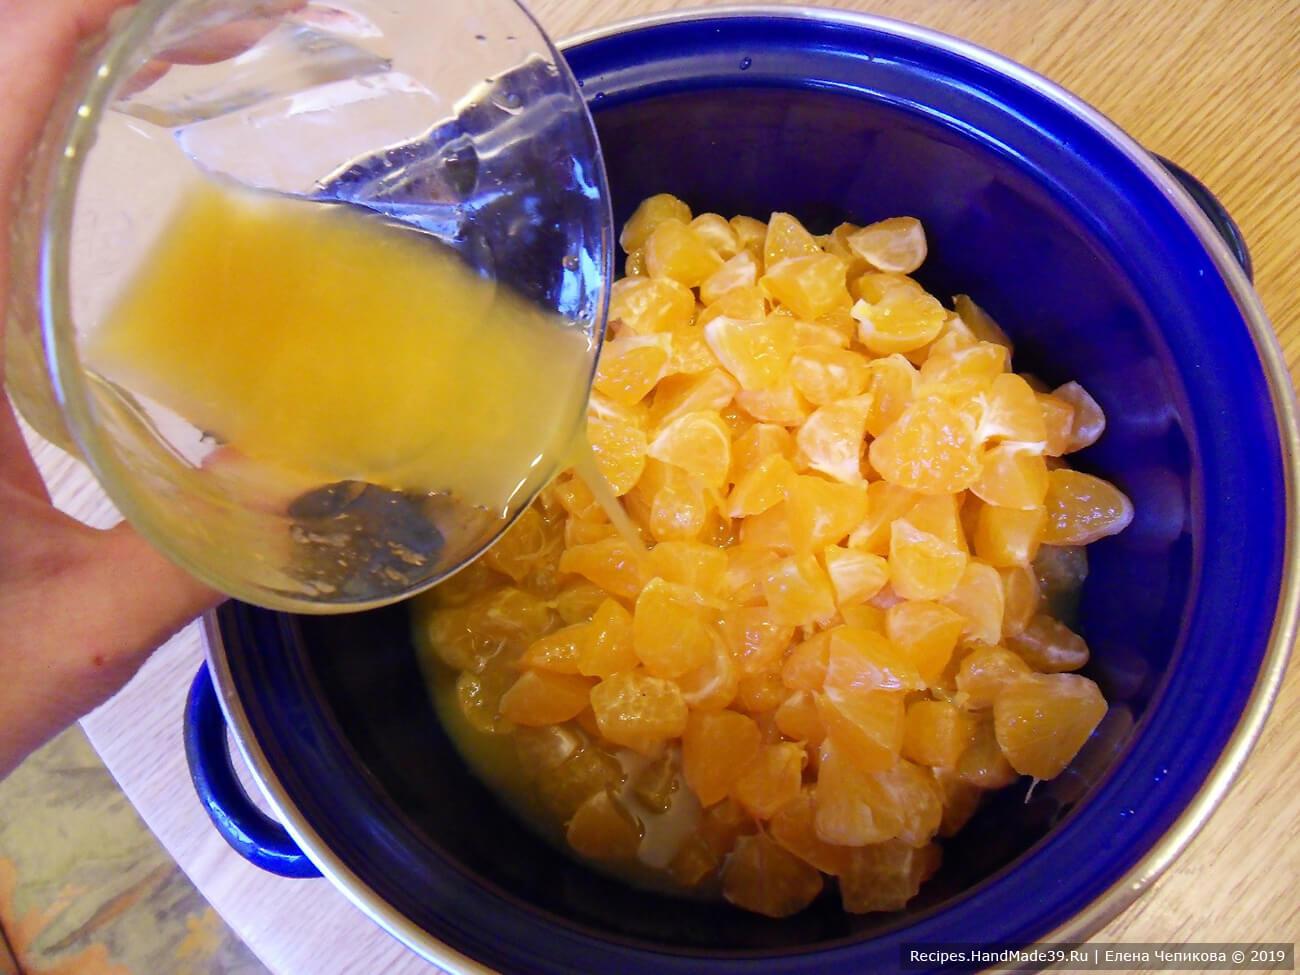 В кастрюлю выжать сок из оставшихся мандаринов